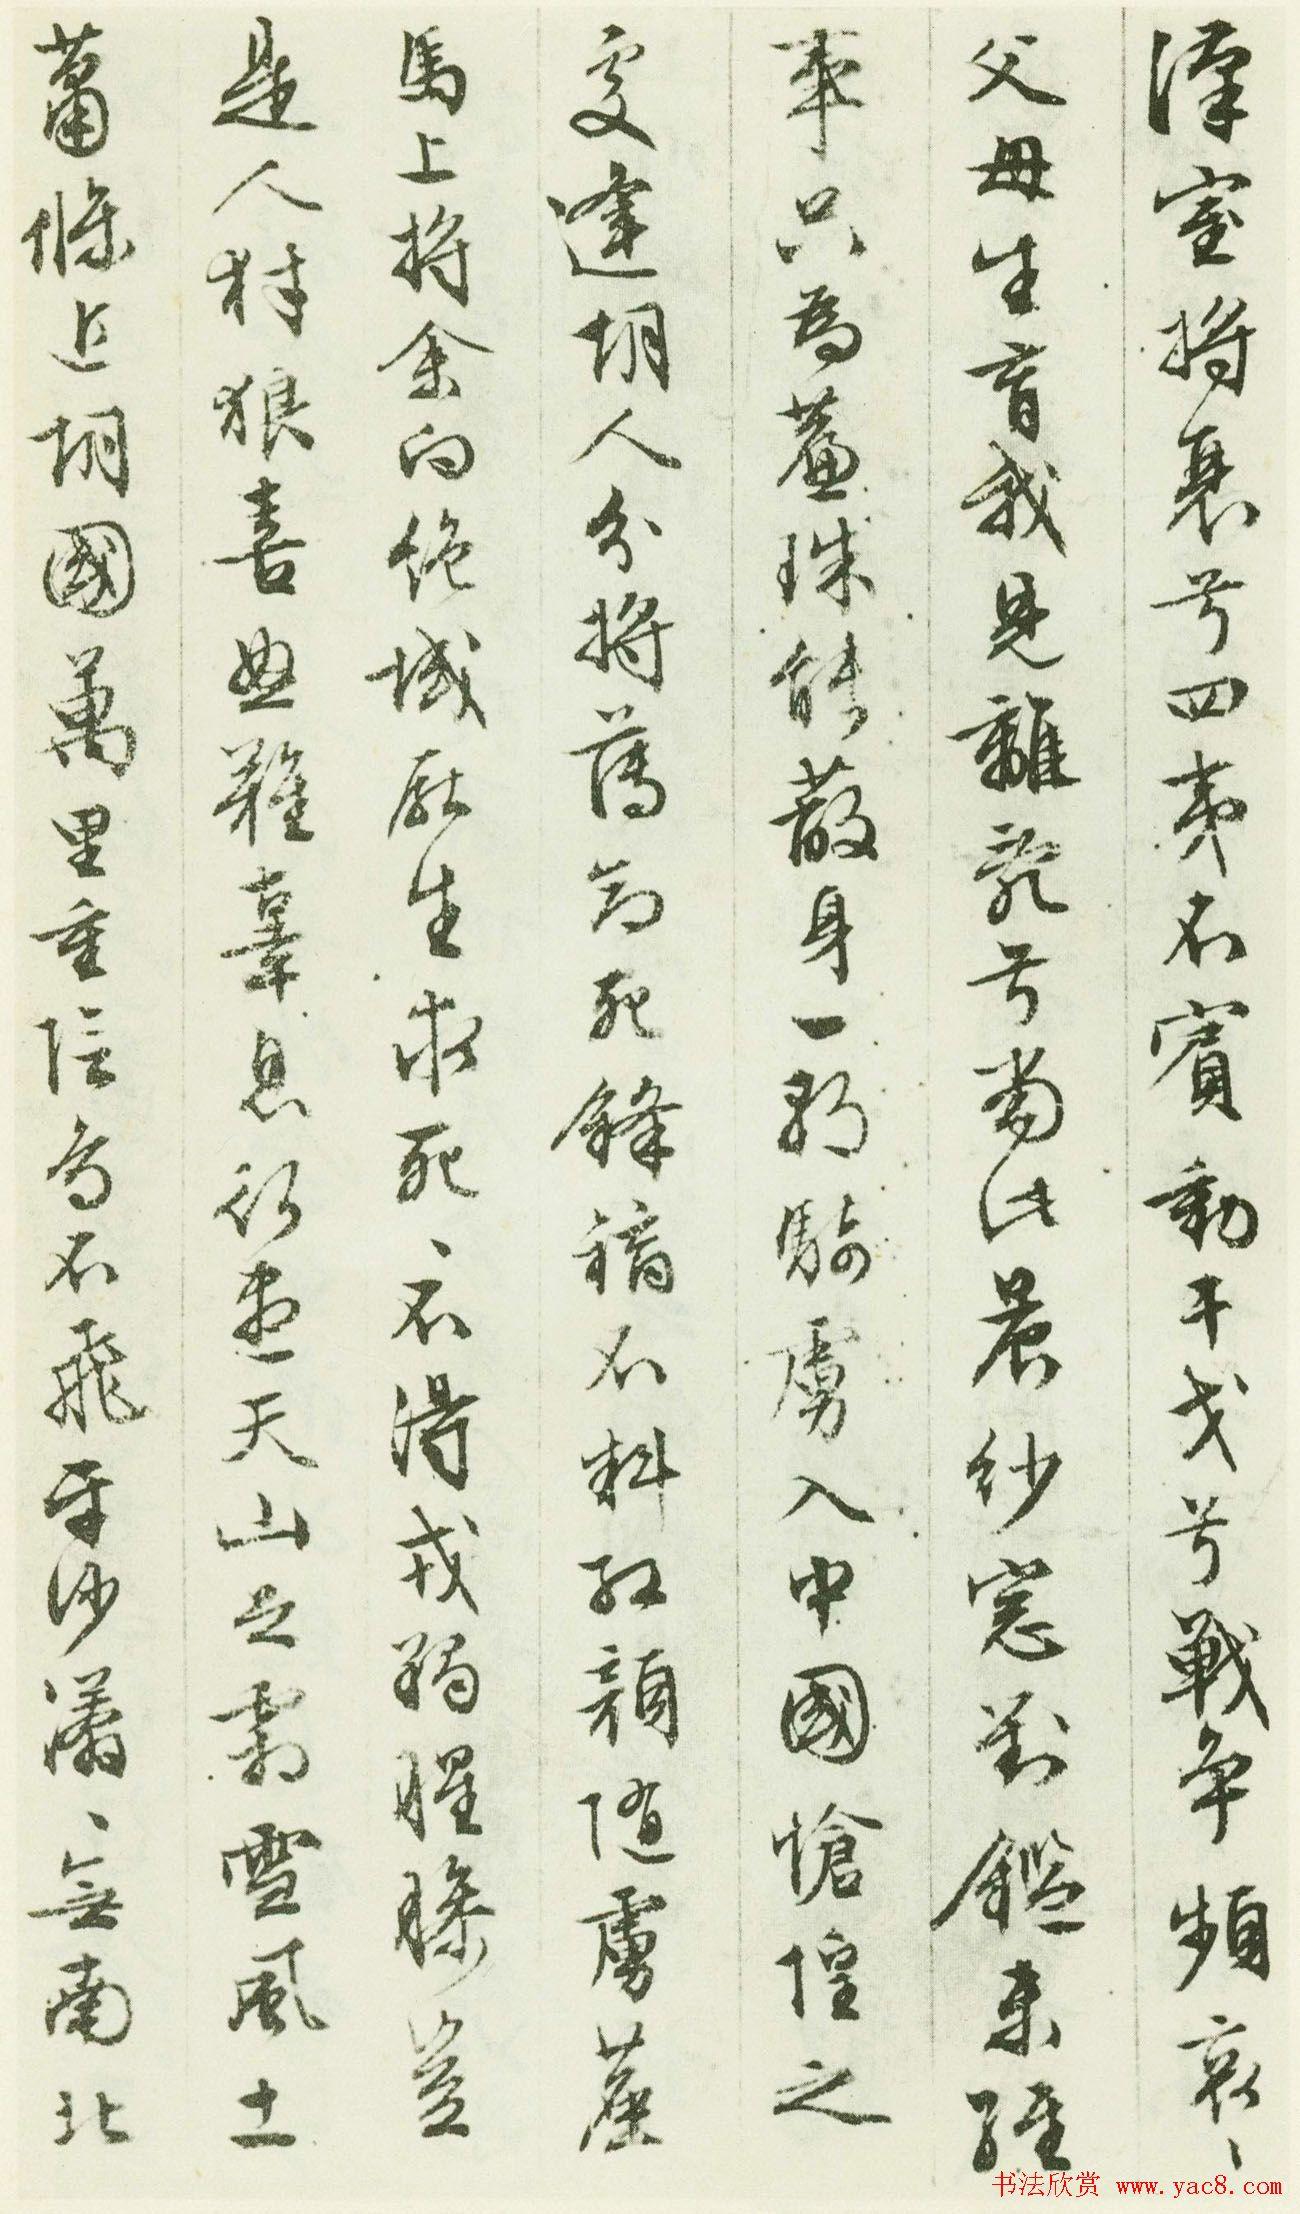 文徵明行草书法作品欣赏《胡笳十八拍》